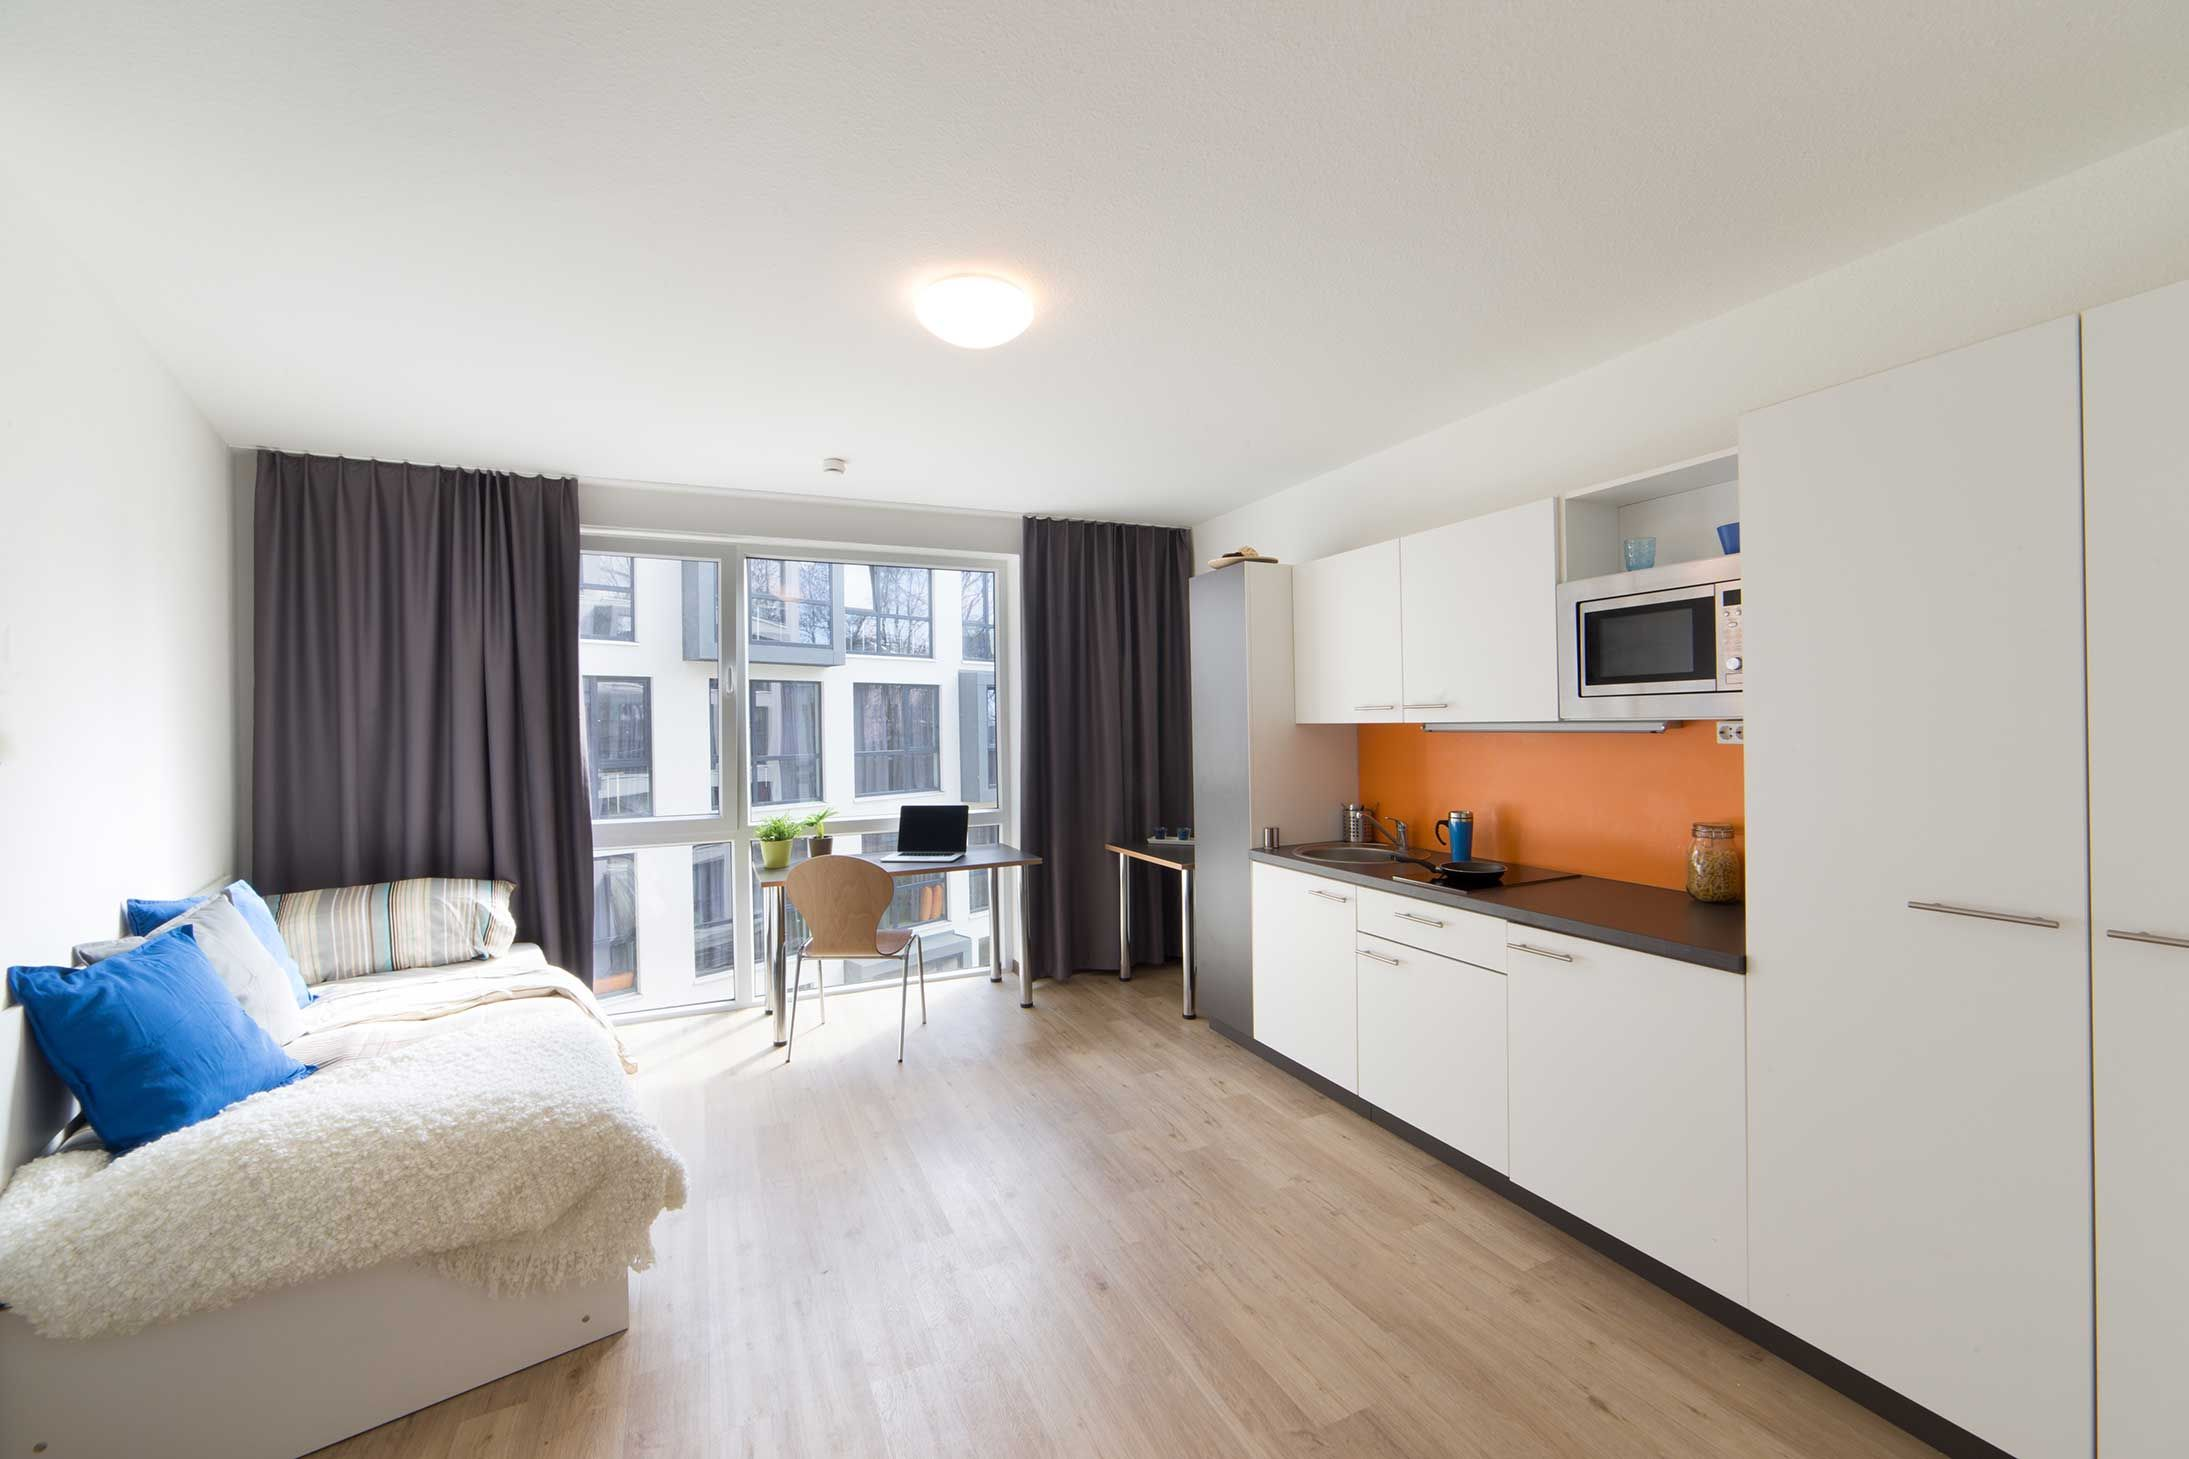 Studentenwohnungen Und Studentenwohnheime Student Apartment Student House Student Dorm